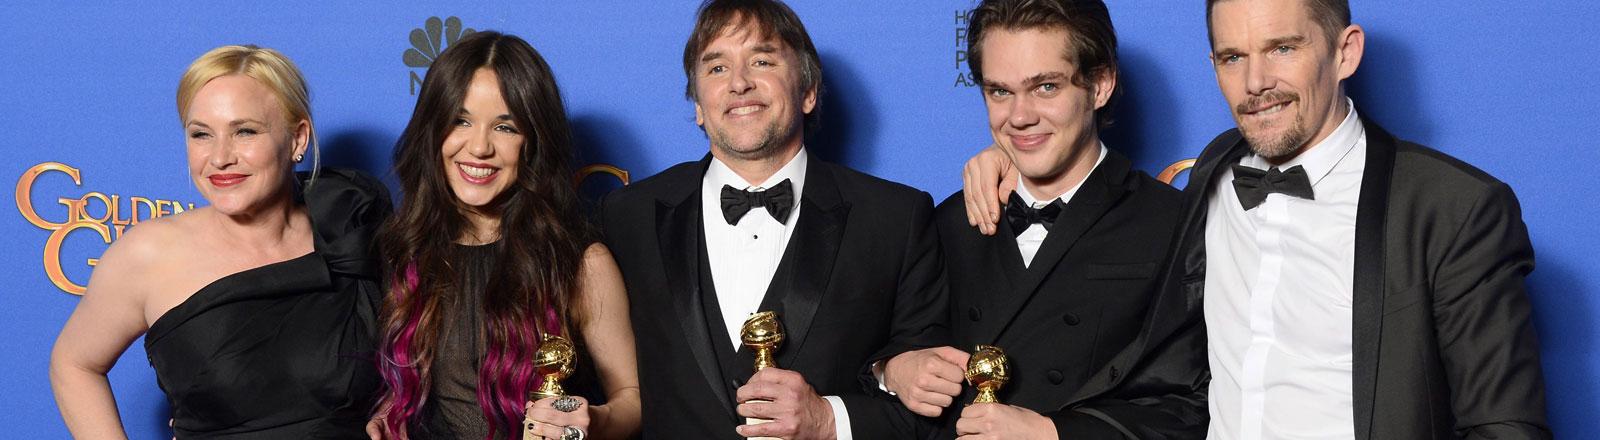 Richard Linklater (Mitte) mit seinen Darstellern aus dem Film Boyhood, der bei der Verleihung der Golden Globes als Bester Film ausgezeichnet wurde.